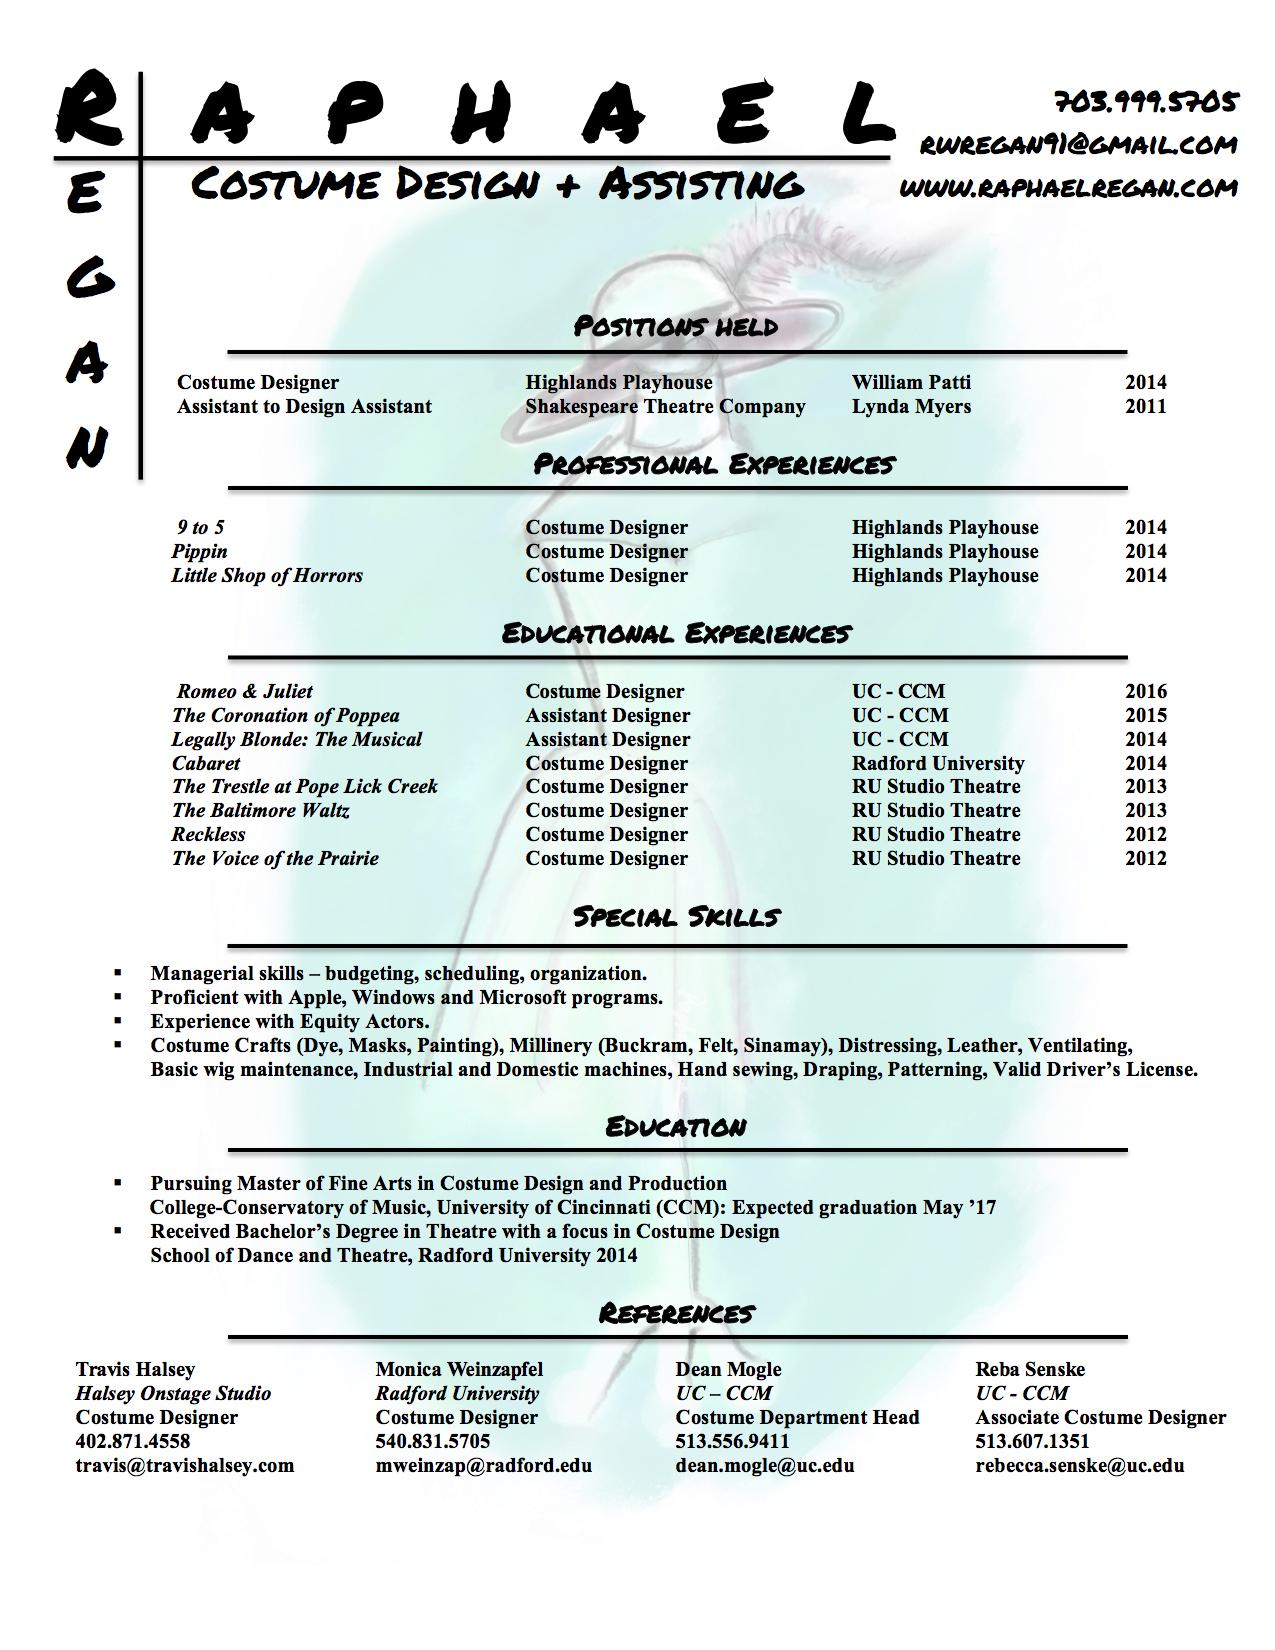 resume raphael regan costume design assisting resume